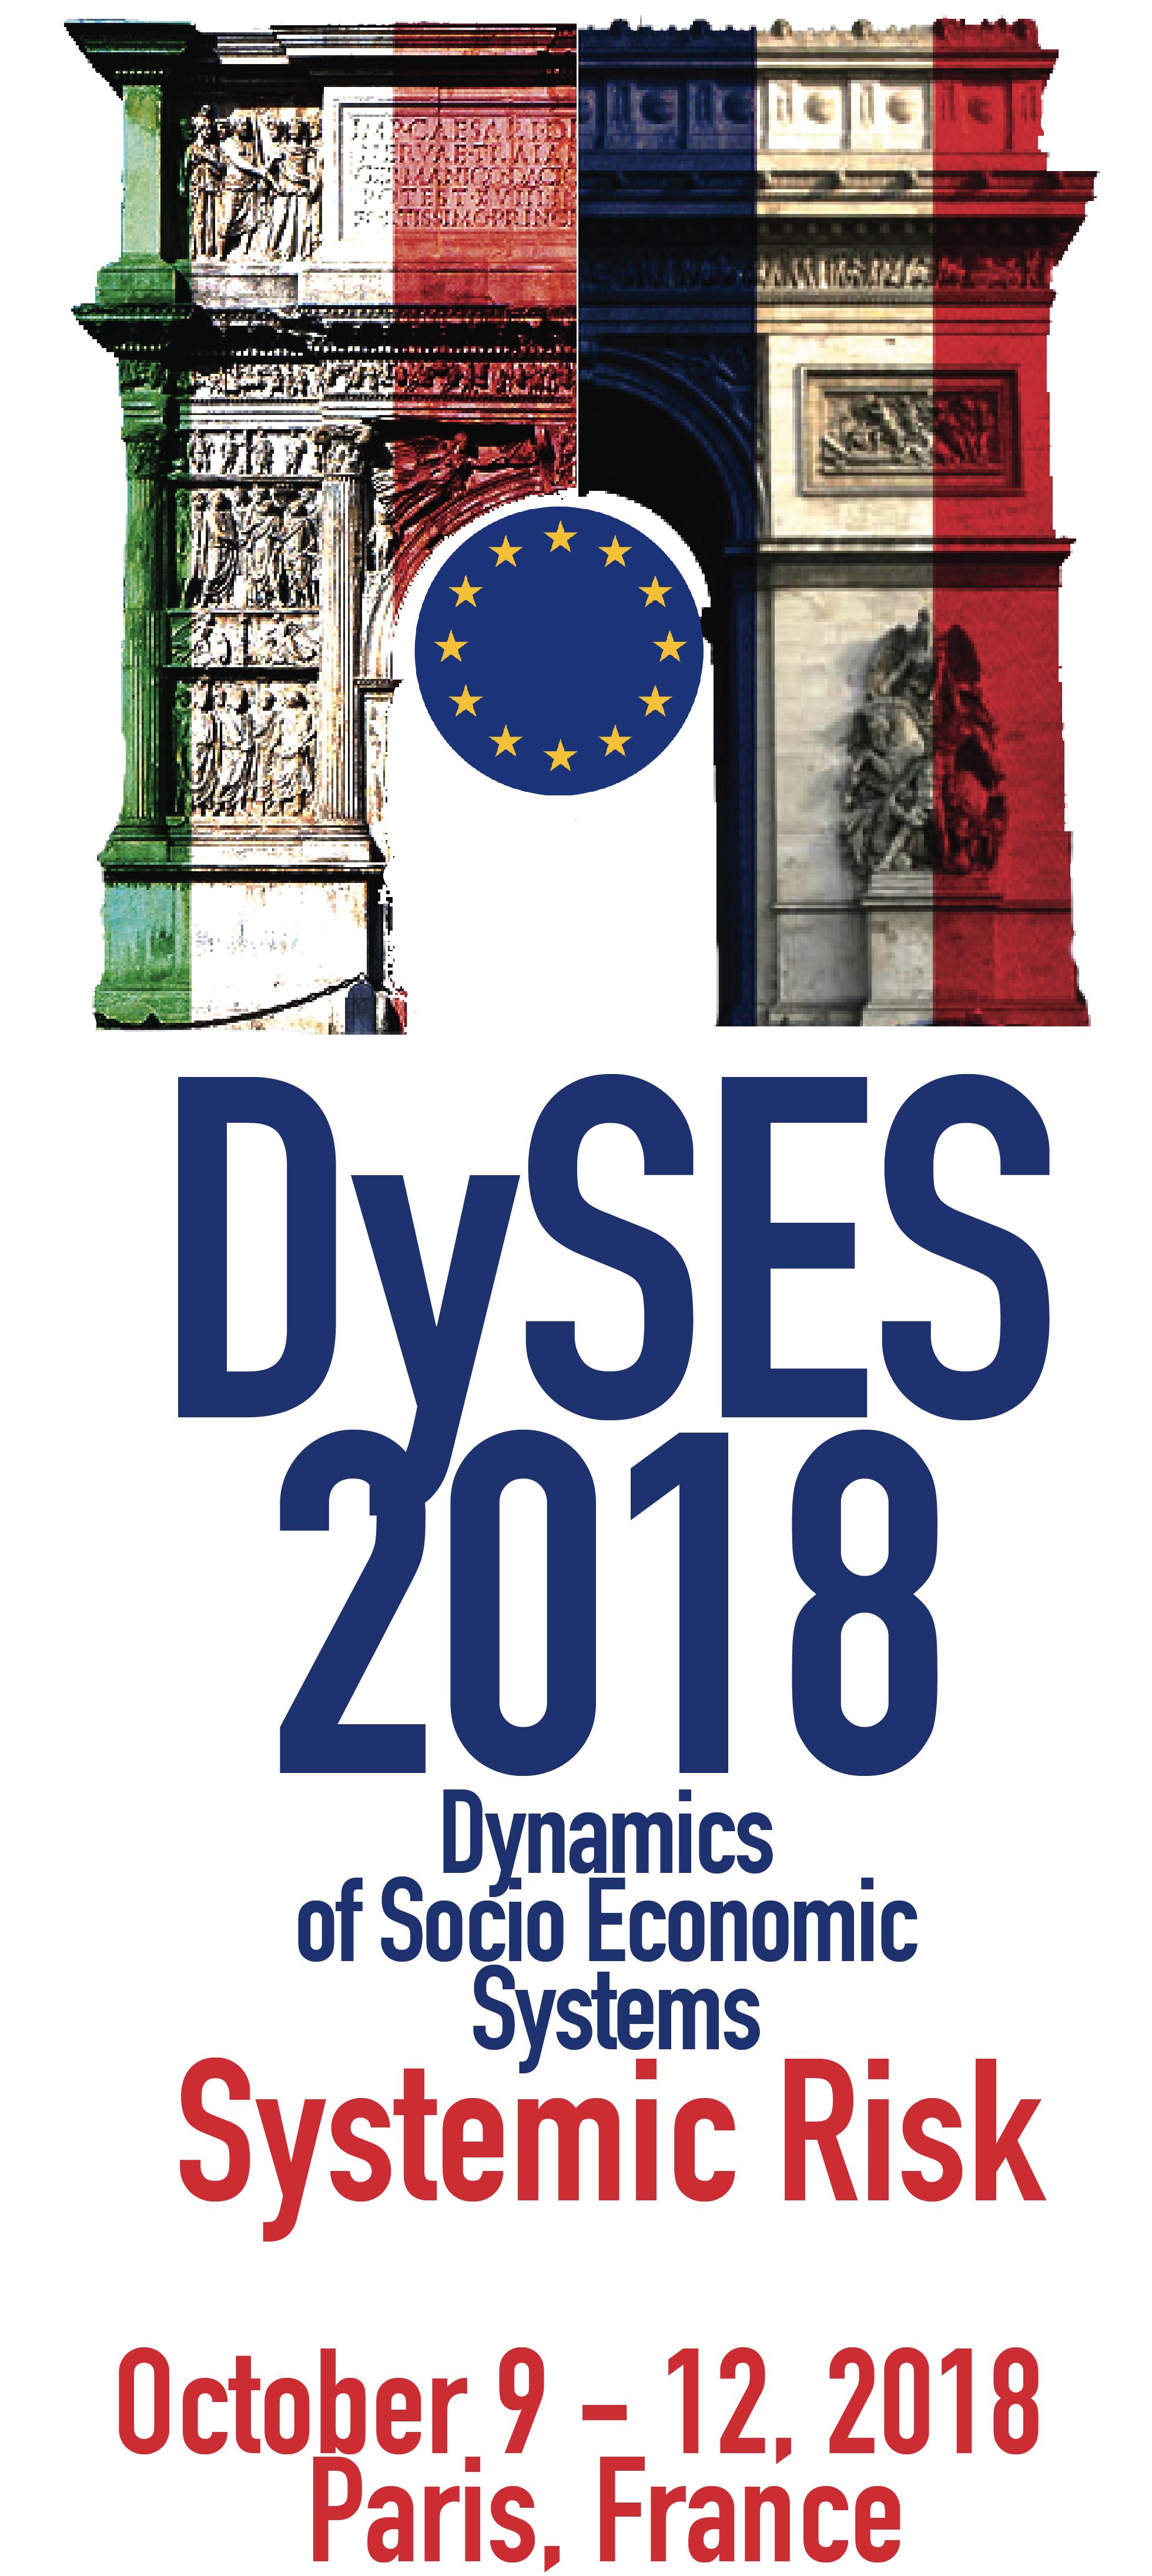 Dyses 2018